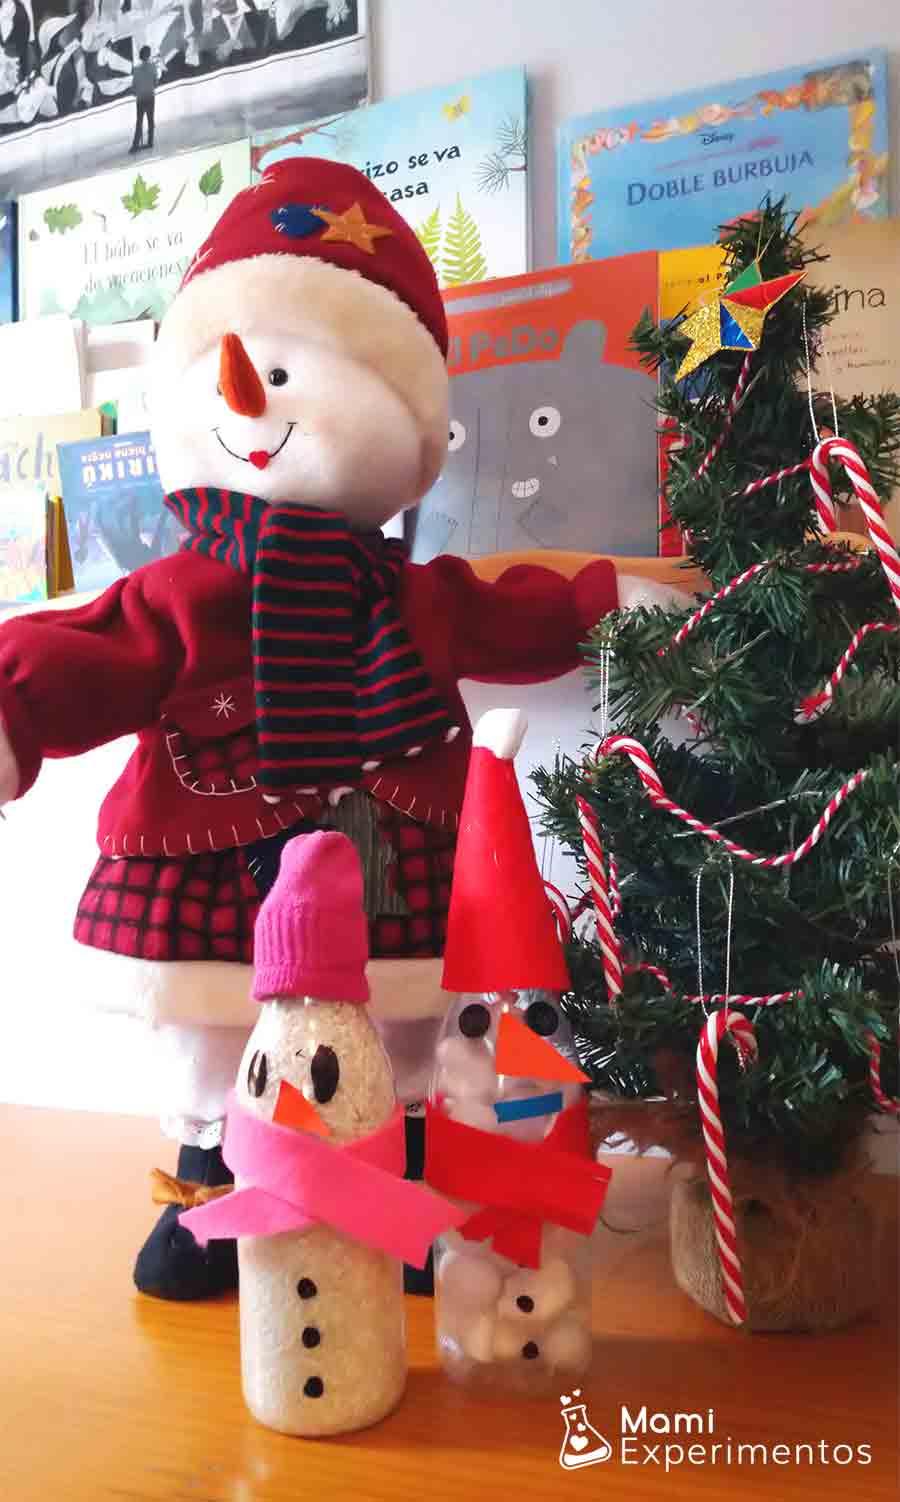 Botellas sensoriales de muñecos de nieve decorando el salón